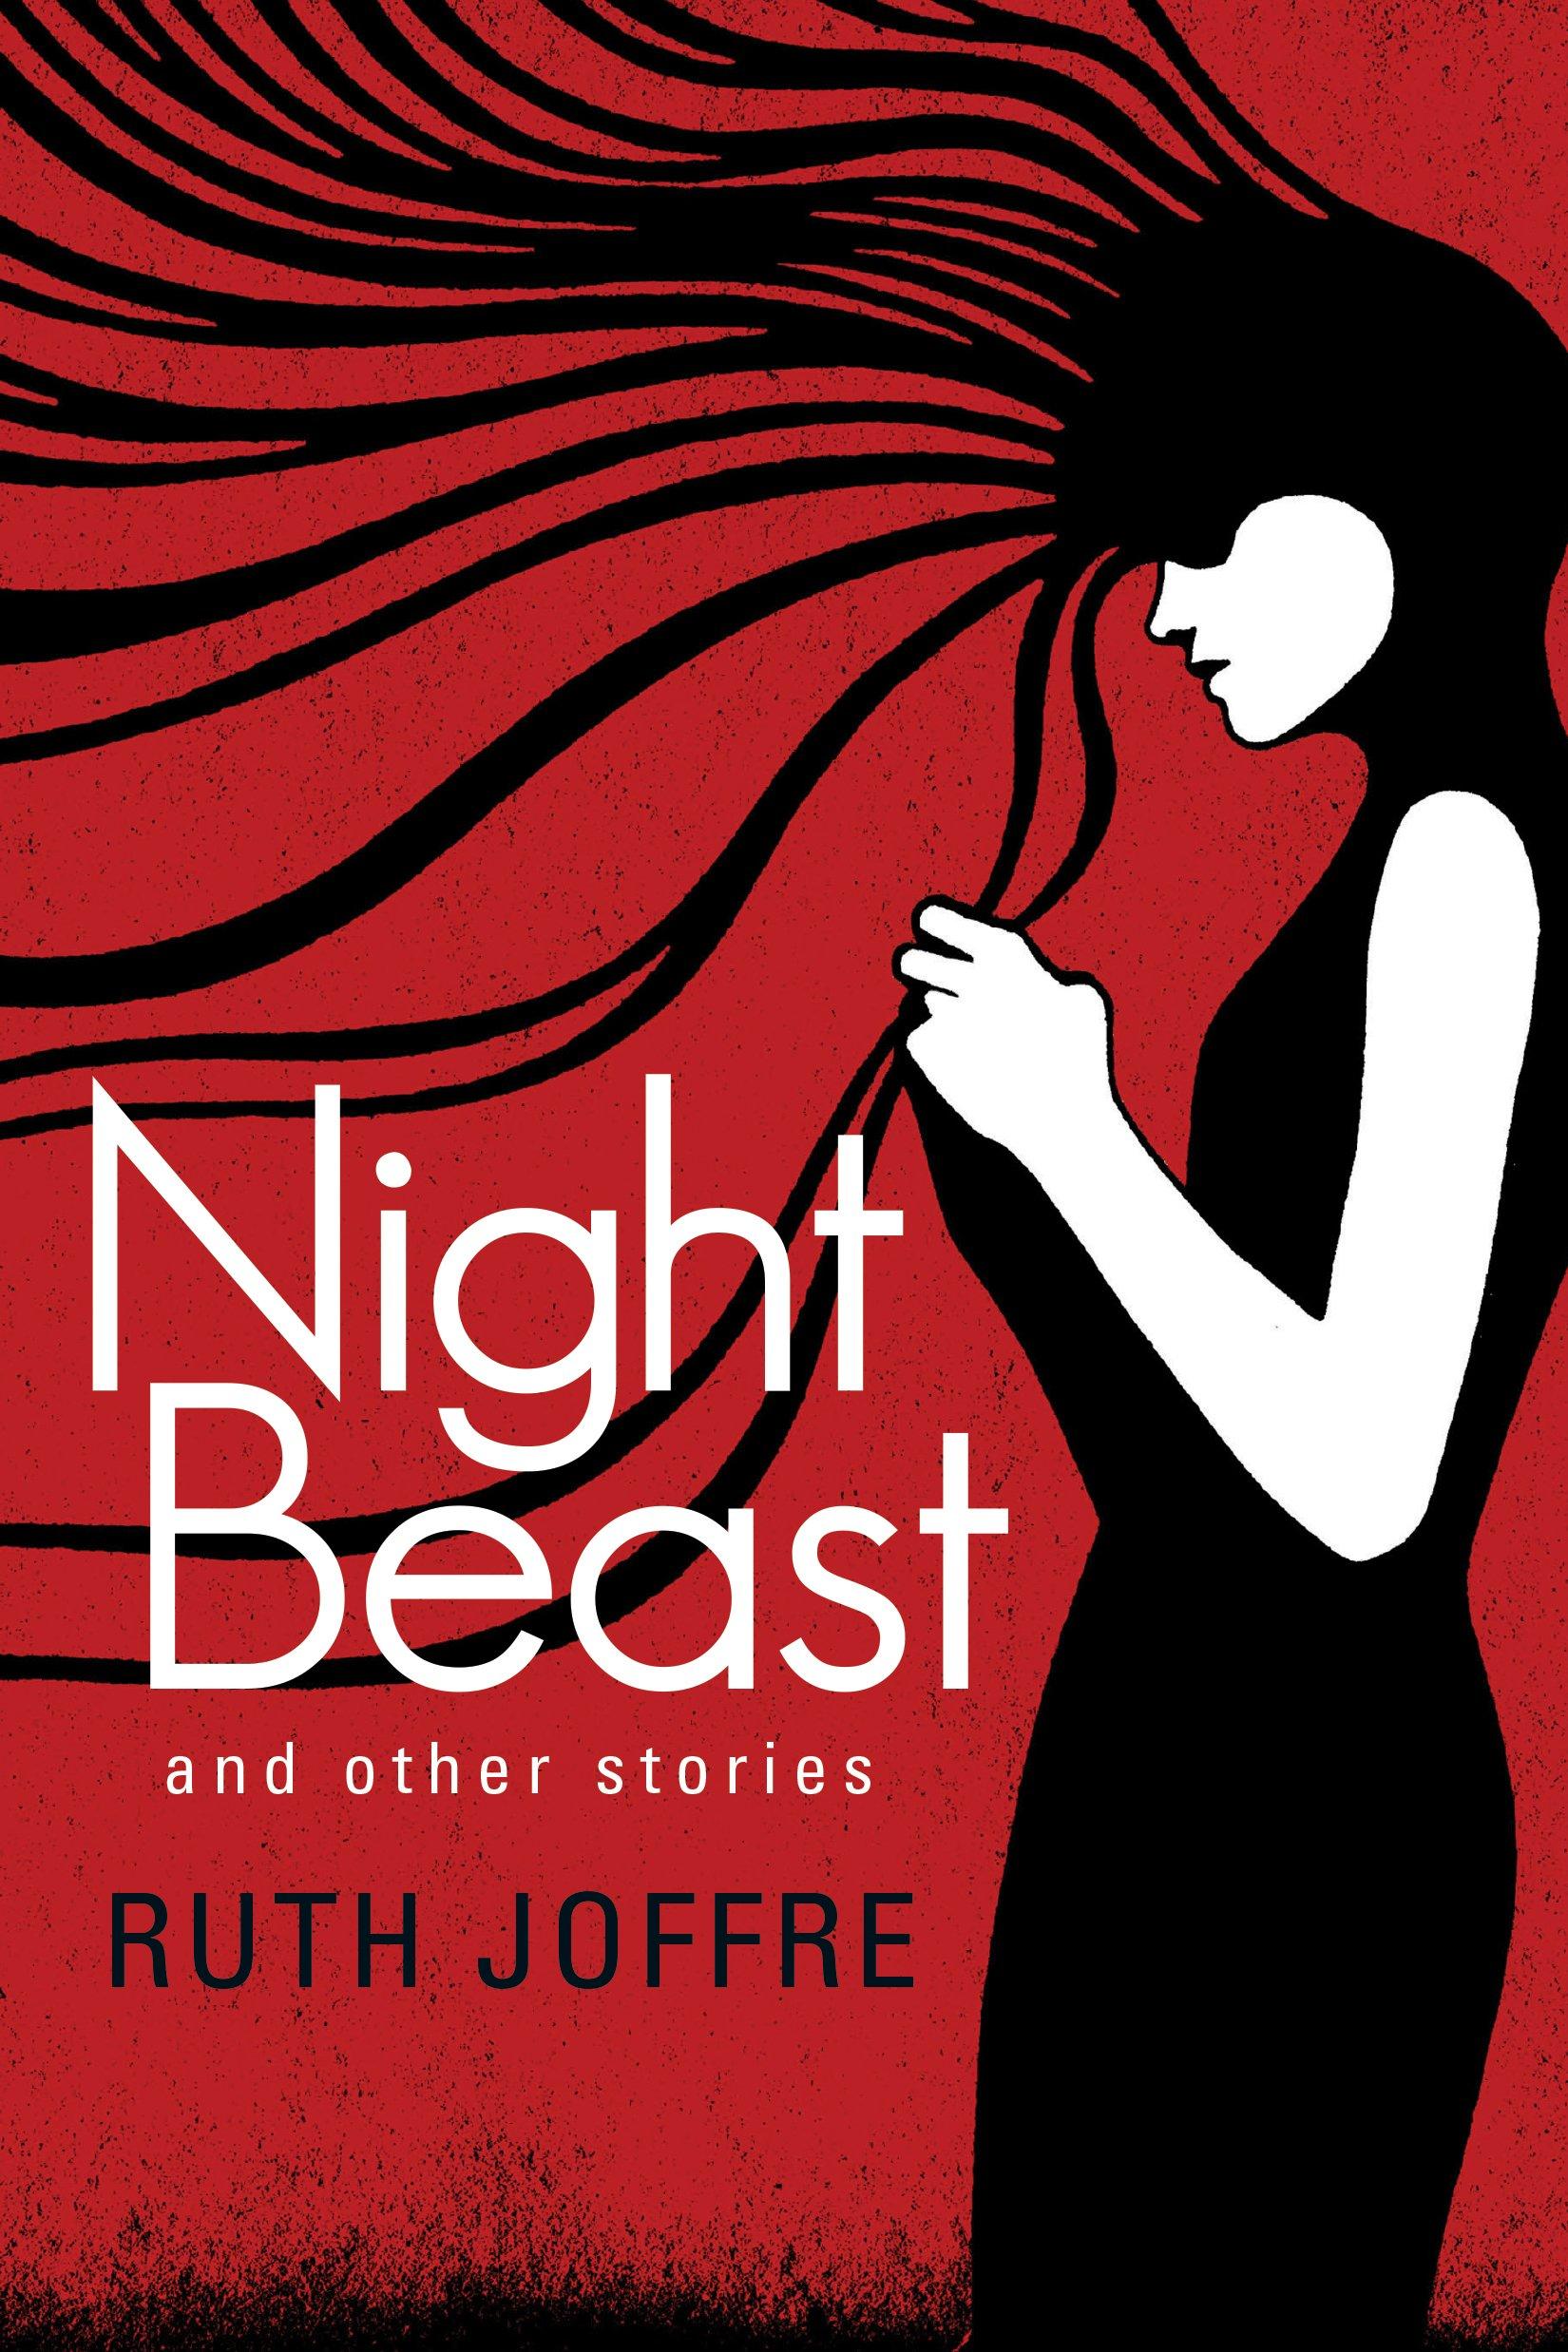 Αποτέλεσμα εικόνας για night beast ruth joffre